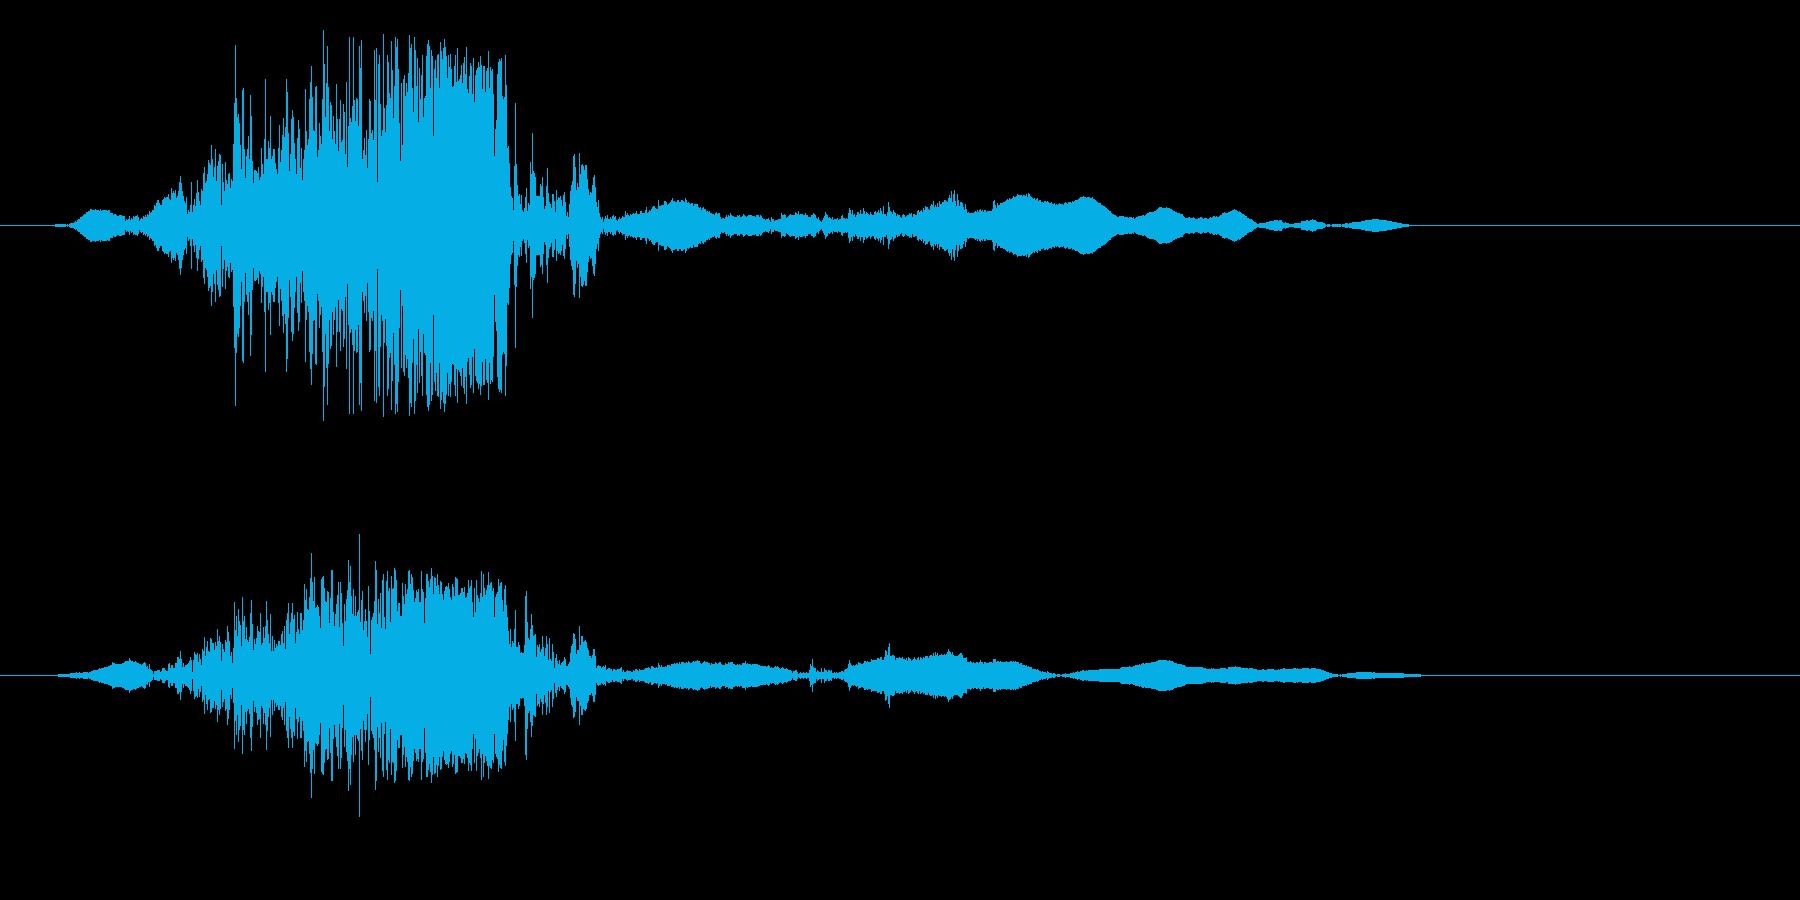 ライター着火(擦る音)の再生済みの波形